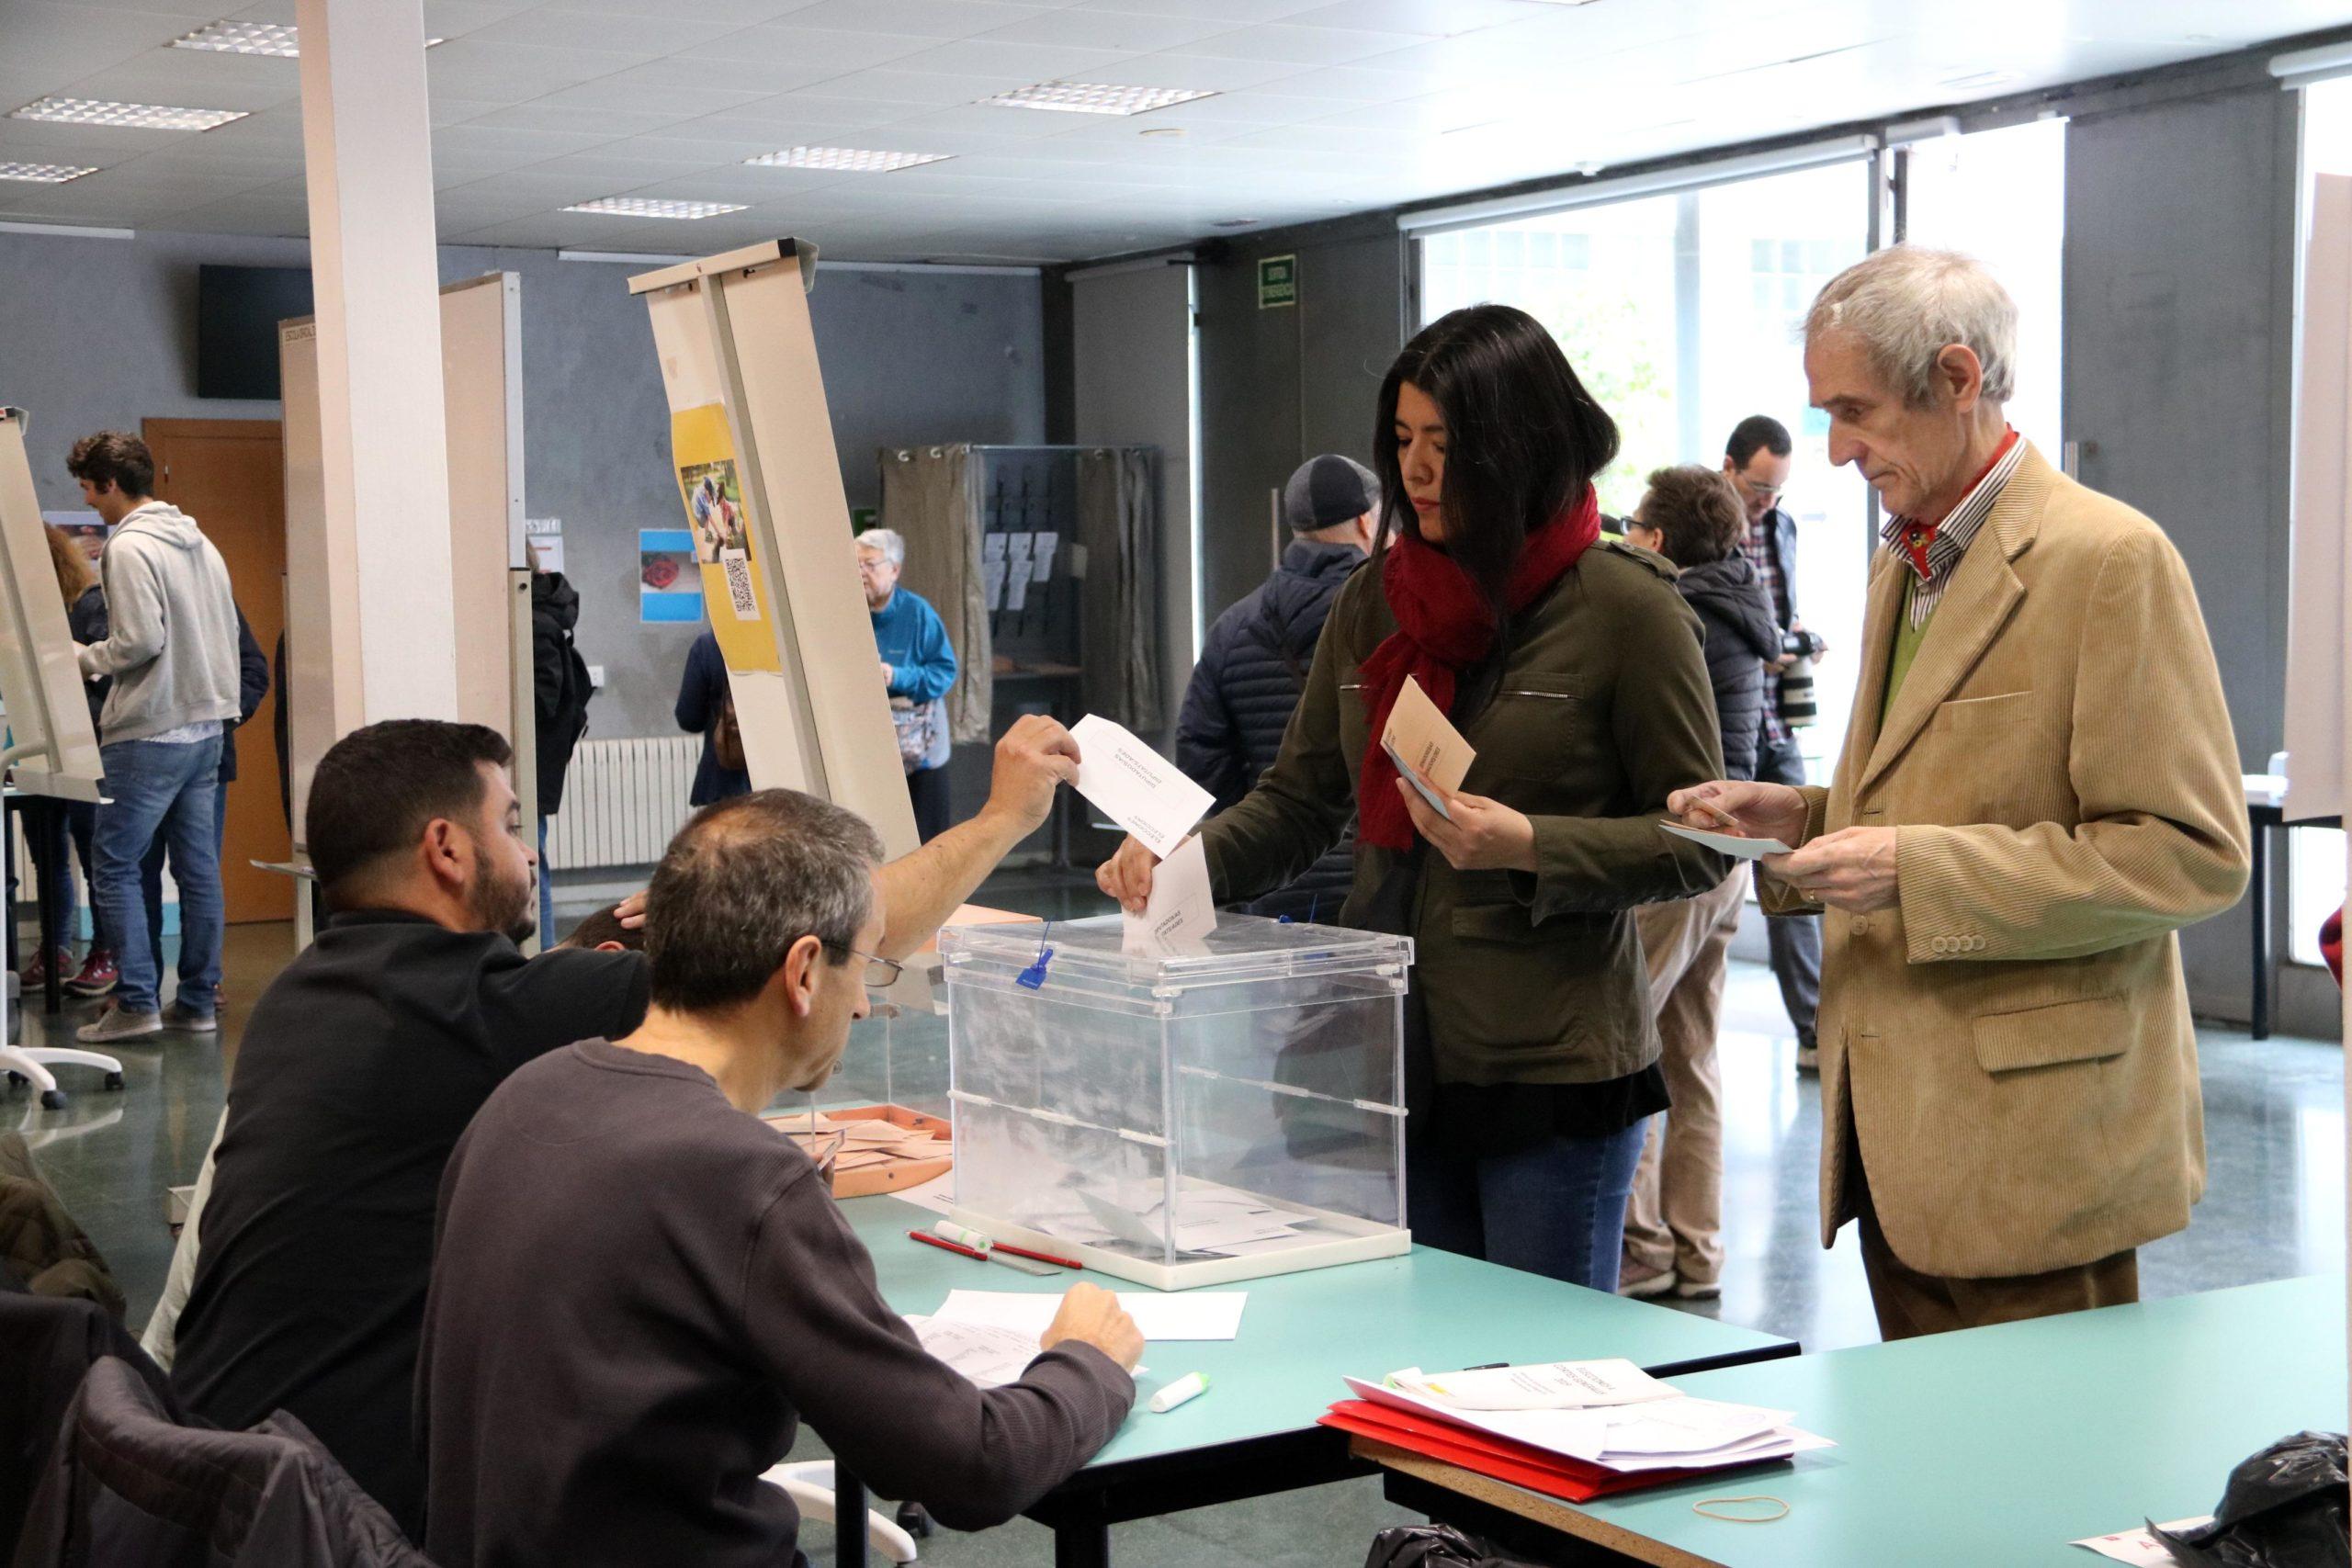 Un jubilat esperant a votar el 28A / ACN (Aina Martí)